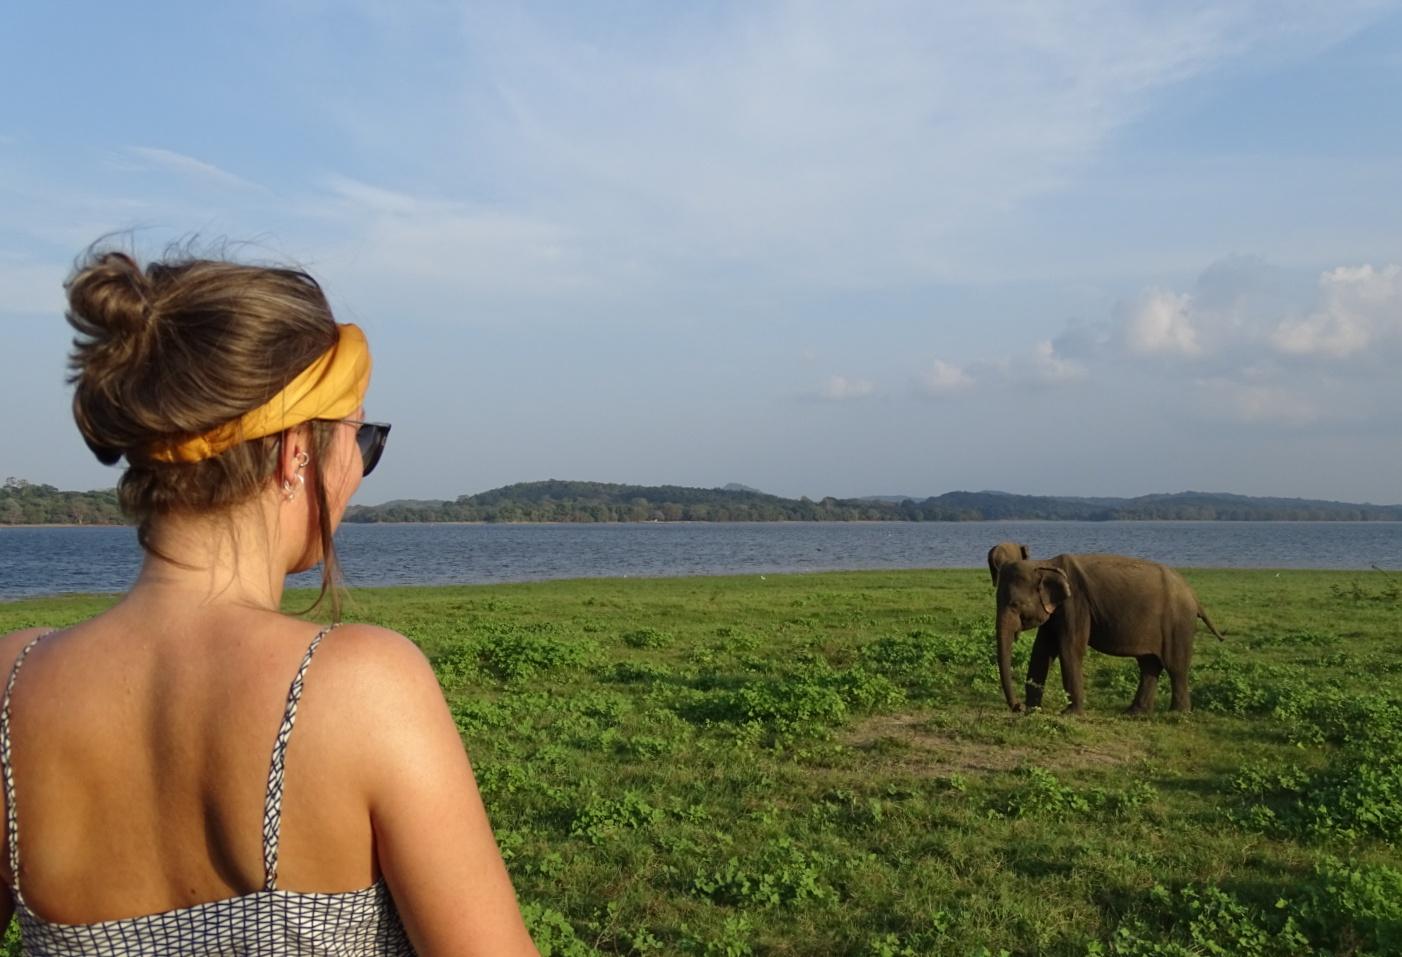 Gastblogger Chantal Roskam